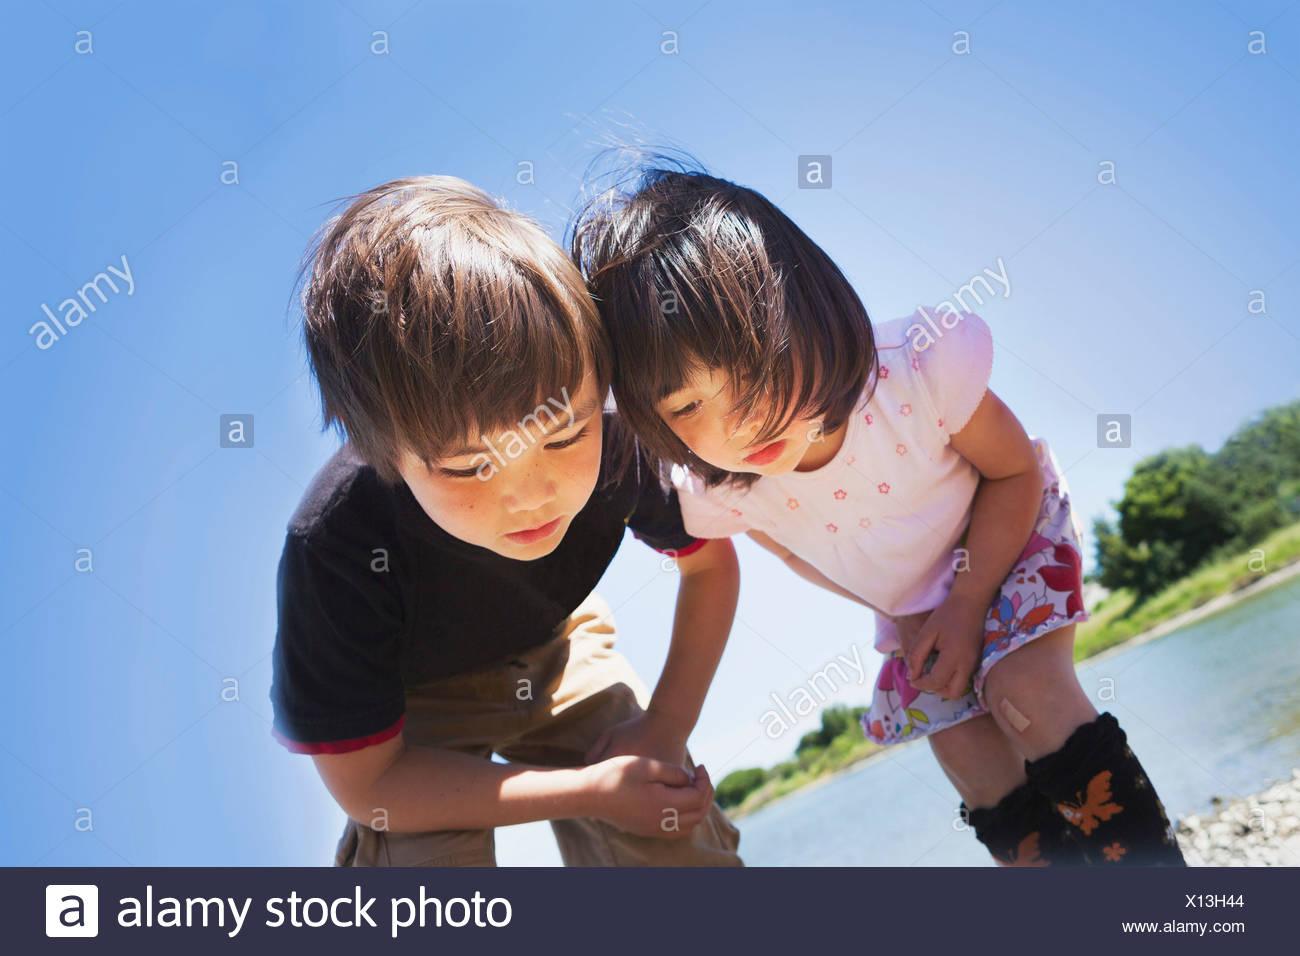 Un ragazzo e una ragazza che guarda qualcosa Immagini Stock